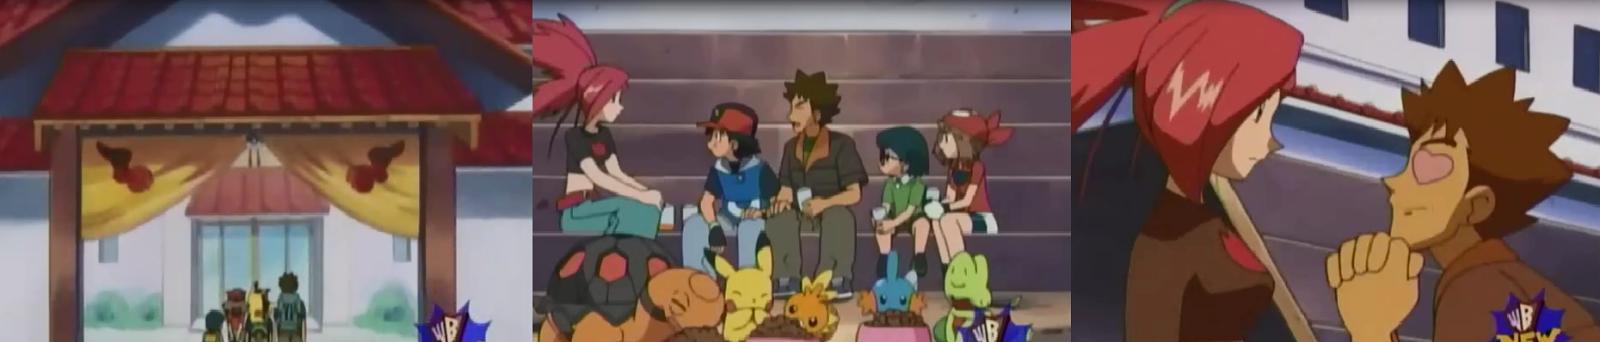 Pokémon - Capítulo 15 - Temporada 7 - Audio Latino